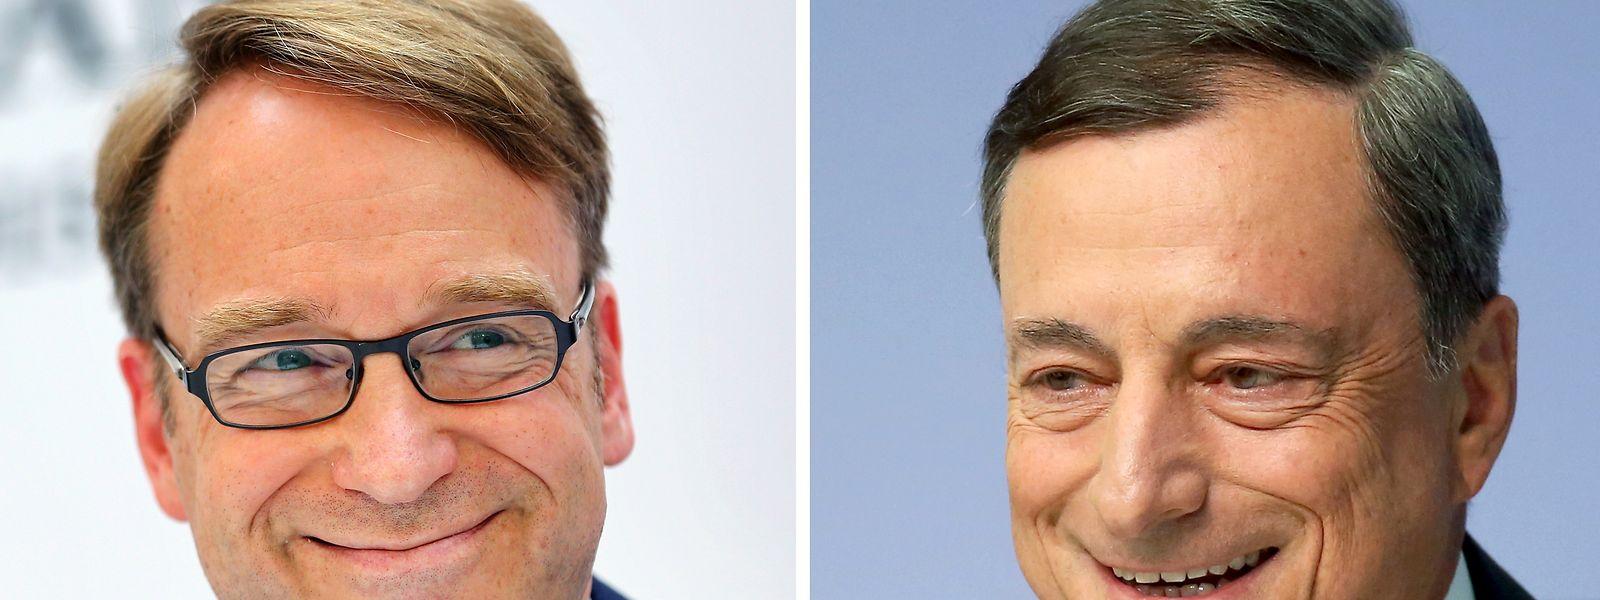 Jens Weidmann (l), Präsident der Deutschen Bundesbank, und Mario Draghi, Präsident der Europäischen Zentralbank